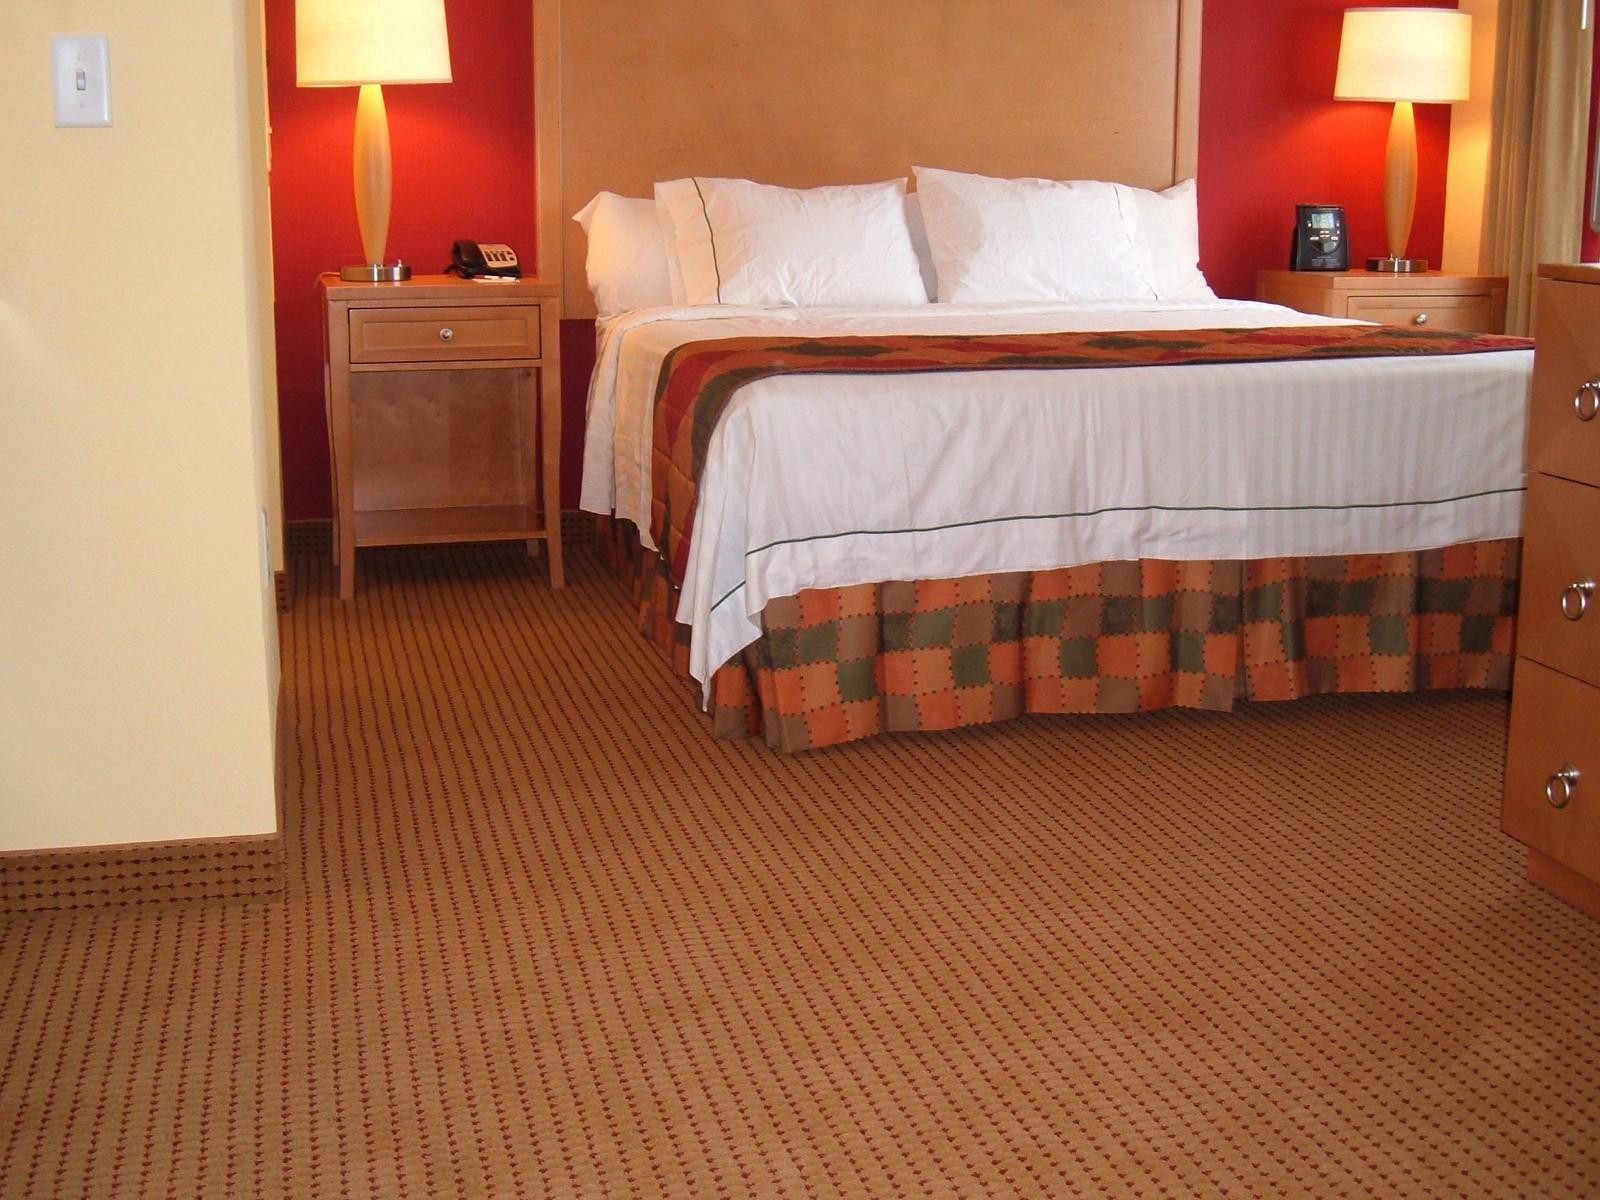 Bedroom Residence Inn Mt Laurel | Flooring Installation System